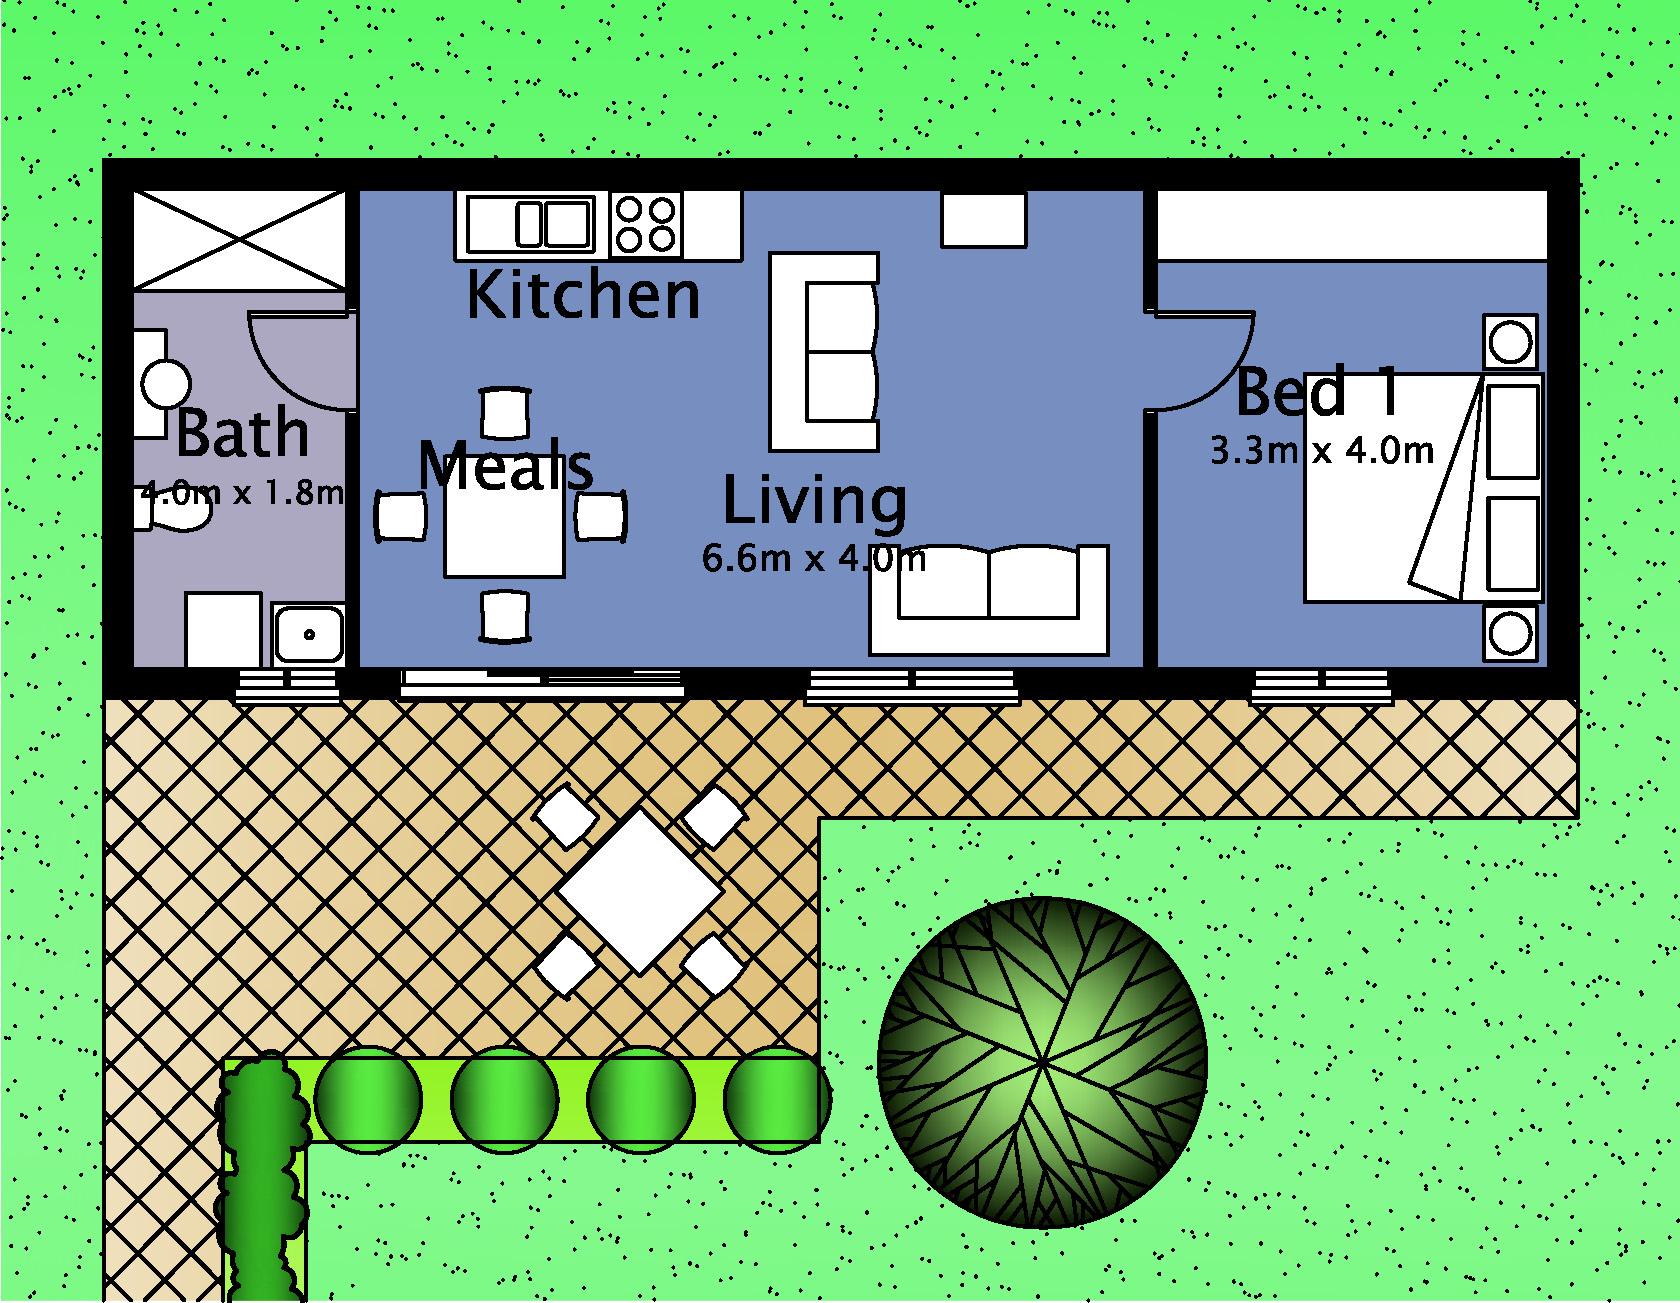 Granny flat home idea